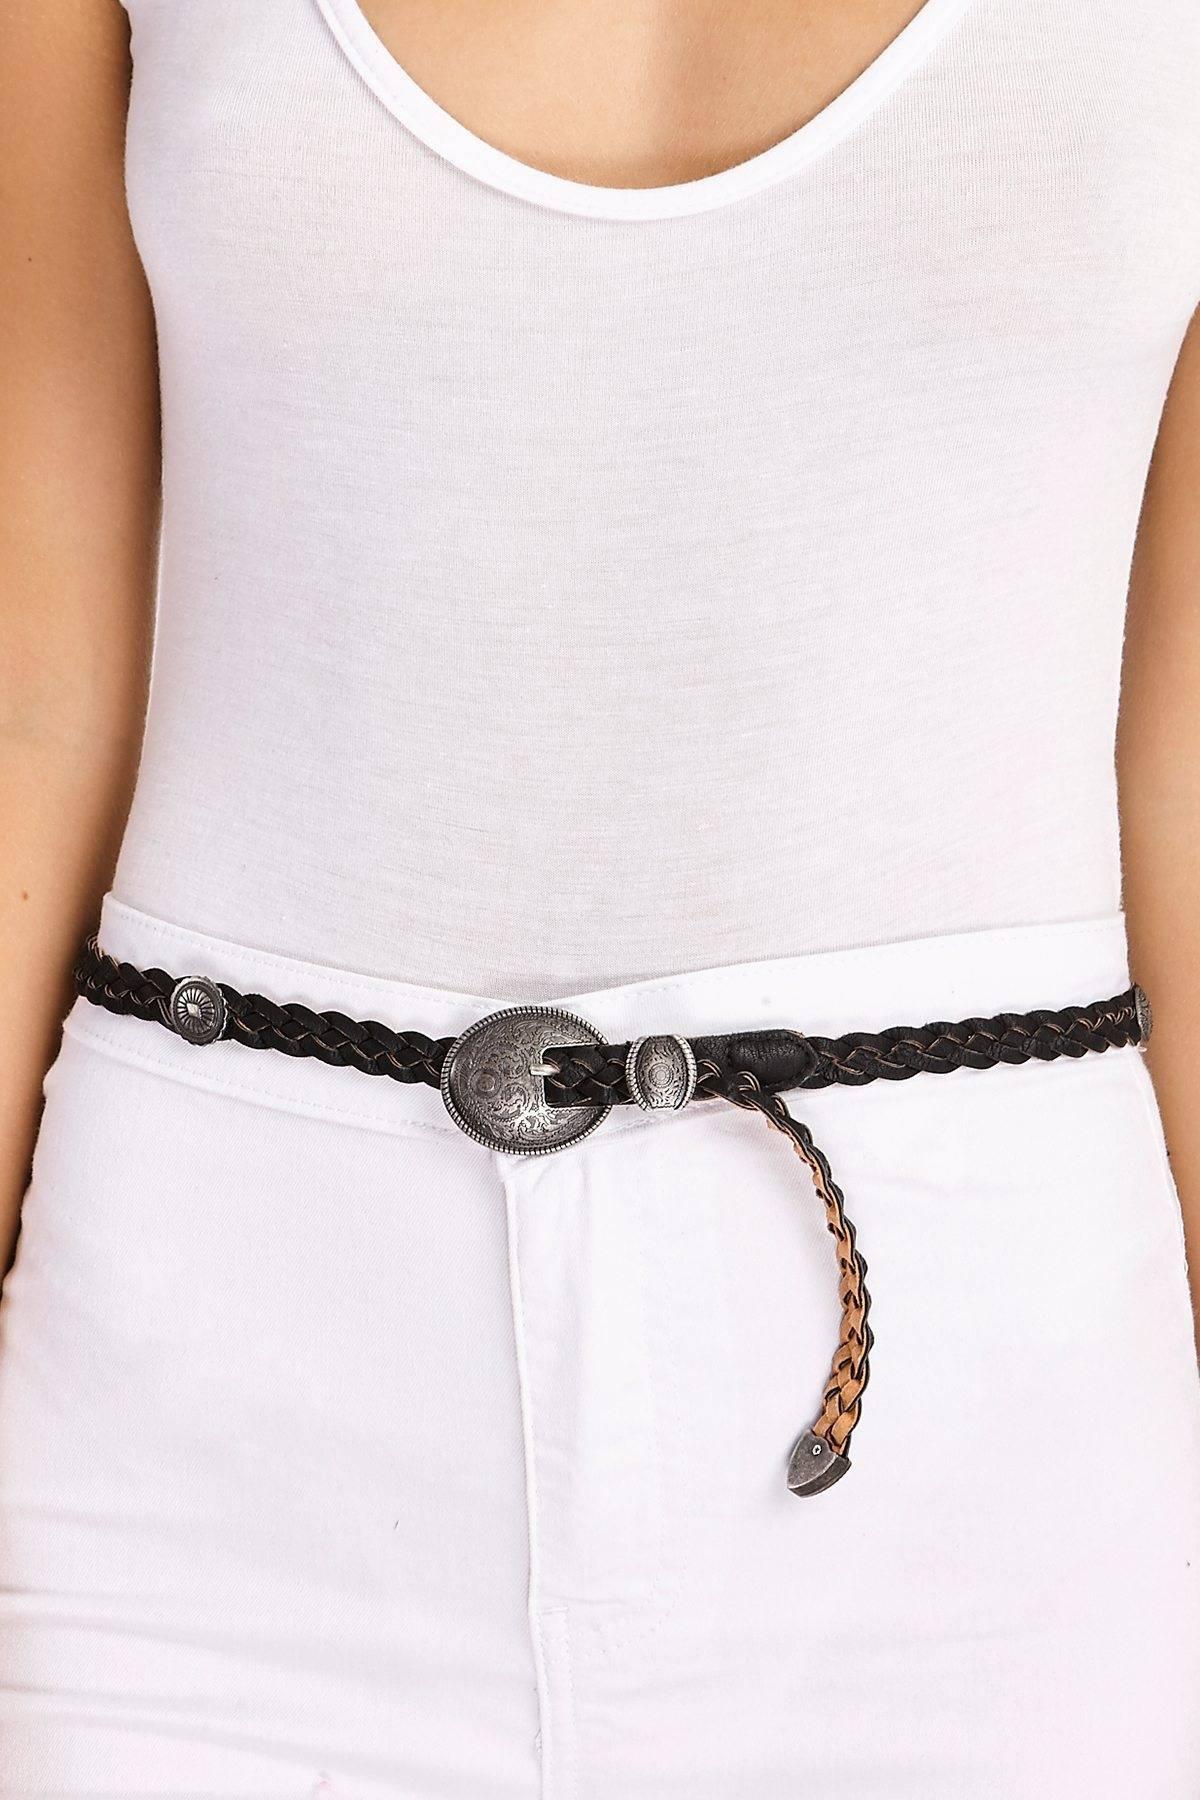 Black Belts  Paniz Black Faux Leather Plaited Coin Detail Belt